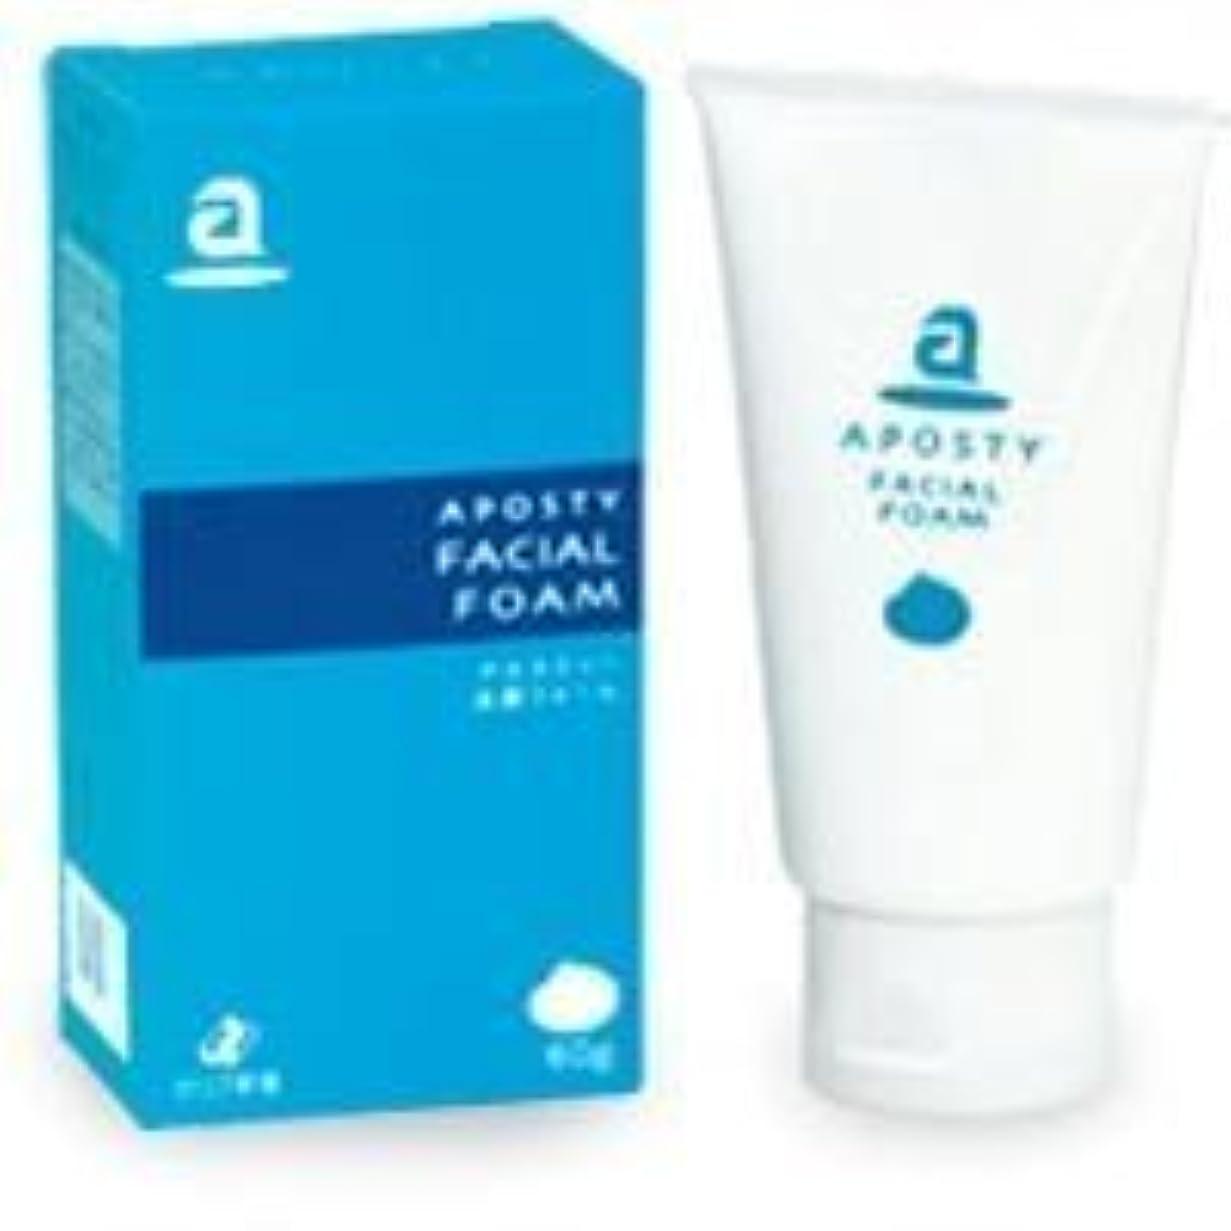 ライラックコンベンションヤギゼリア新薬 アポスティー洗顔フォーム120g